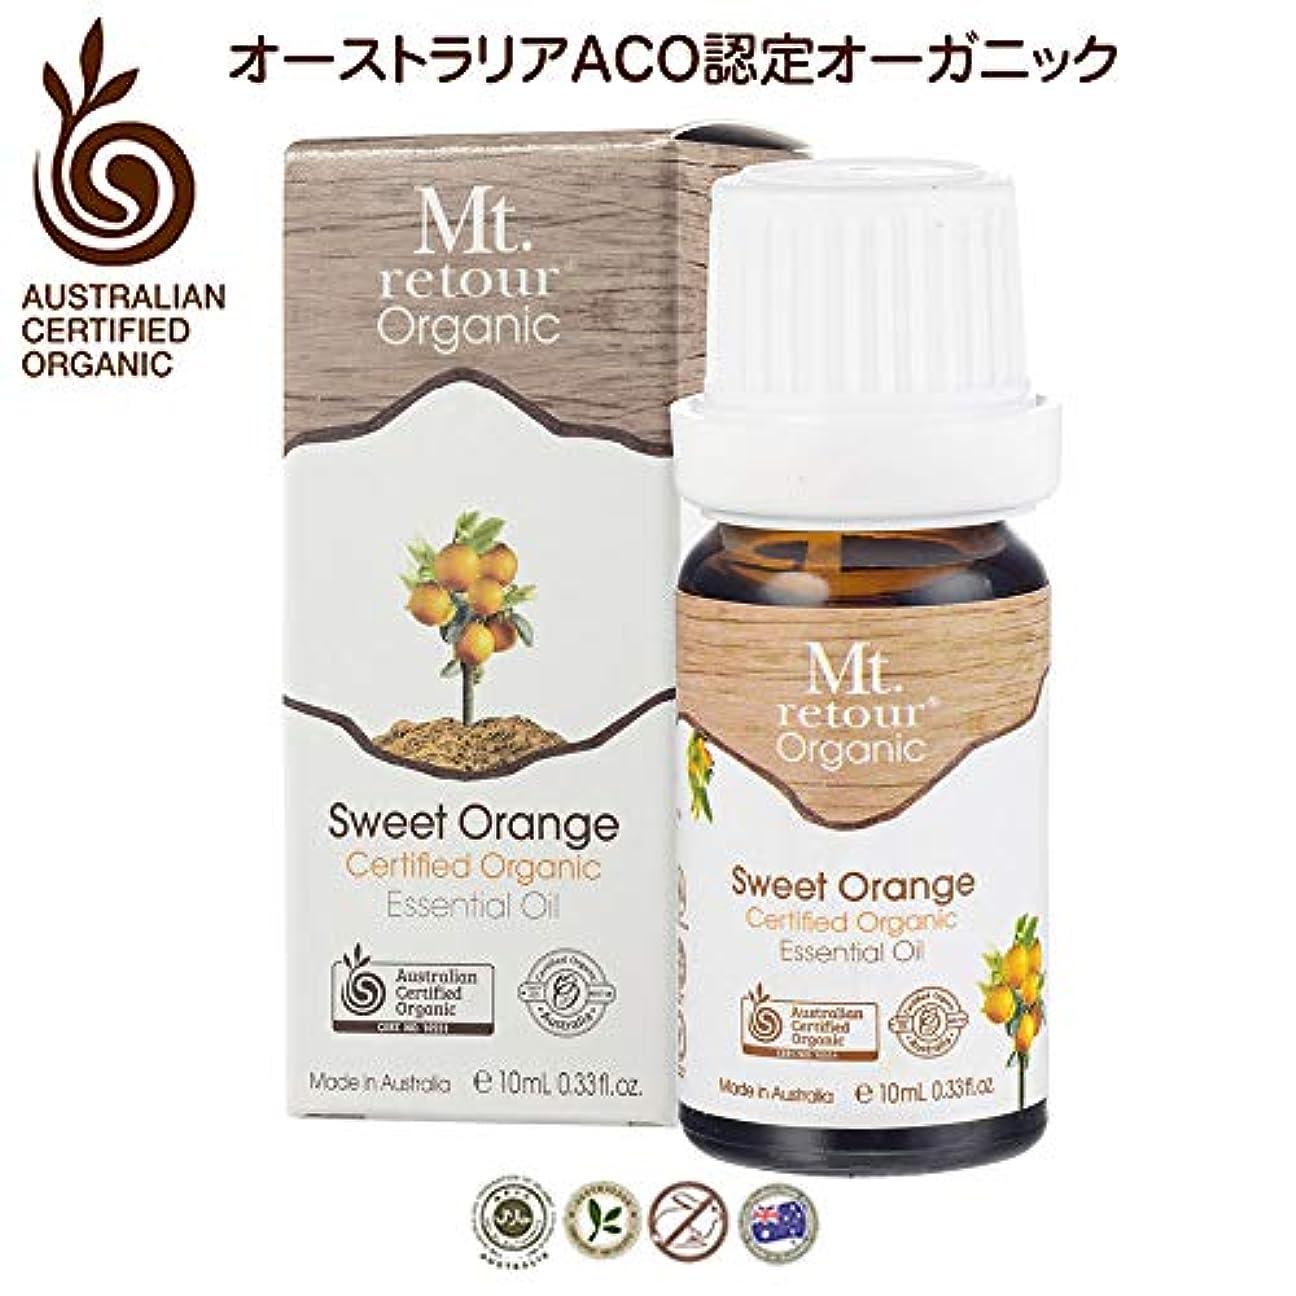 いくつかのオート黒板Mt. retour ACO認定オーガニック オレンジスイート 10ml エッセンシャルオイル(無農薬有機)アロマ